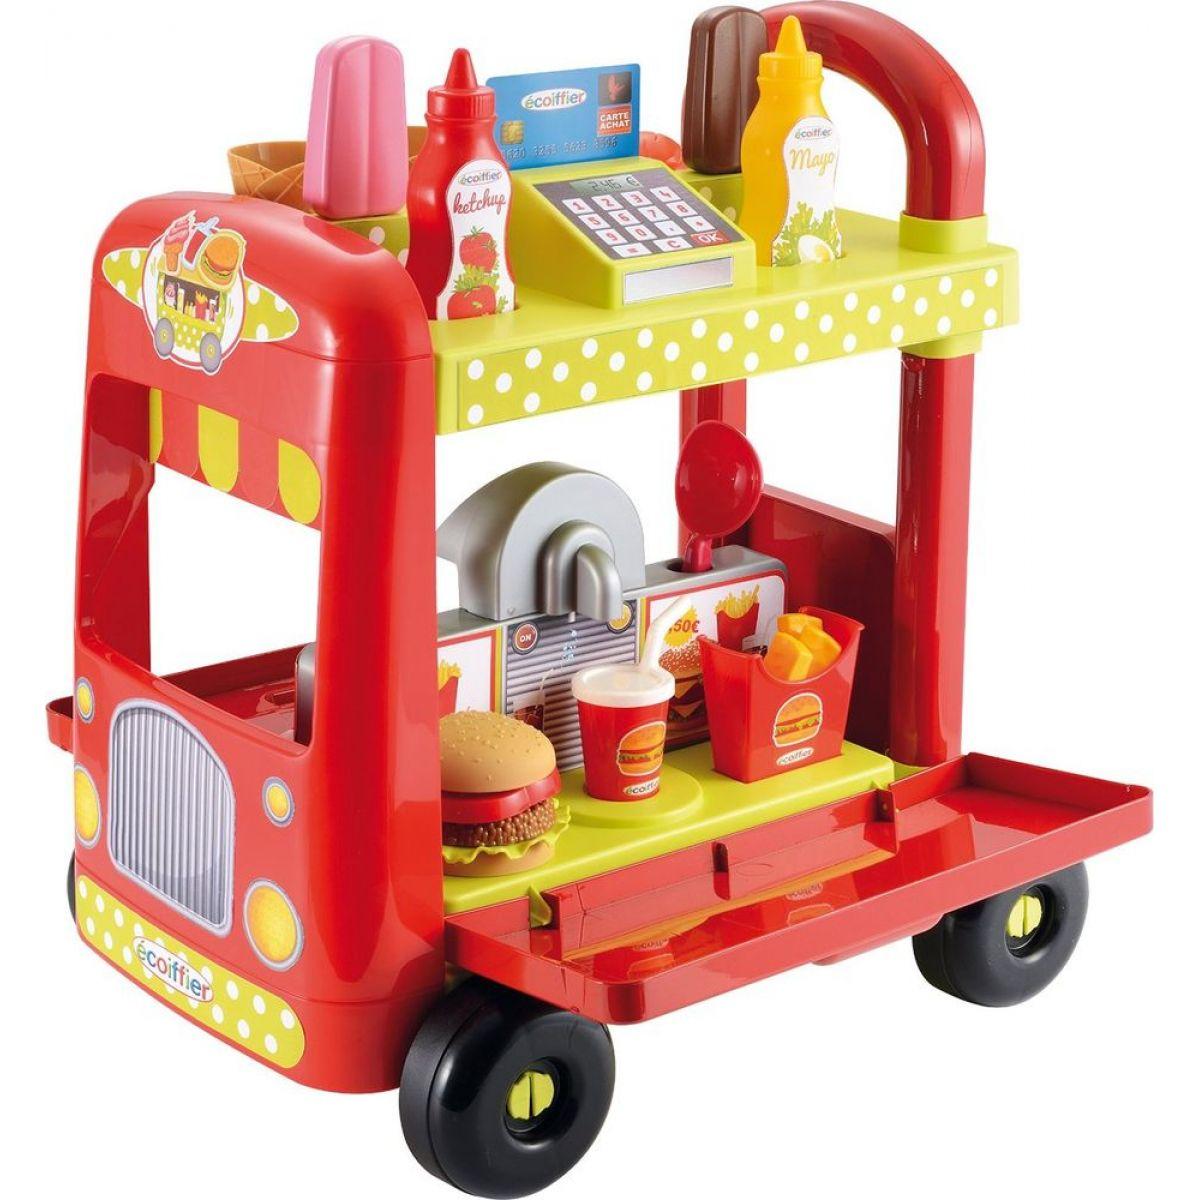 Ecoiffier Auto-stánek s občerstvením